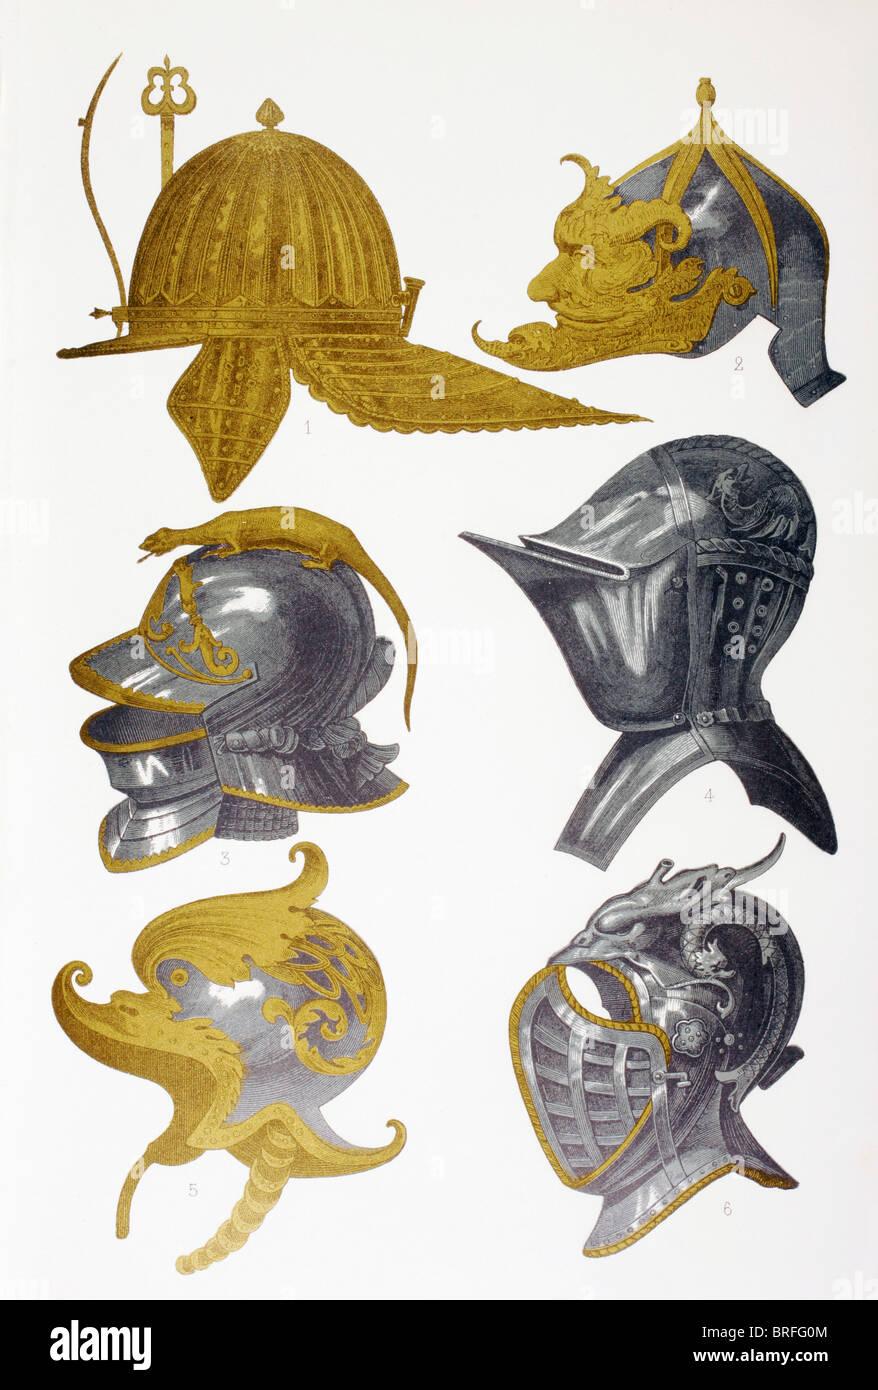 Caschi. 1. Post-Renaissance capeline casco. 2. Morion casco. 3, 4 e 6. Visored caschi. 5. Decorate il casco. Immagini Stock